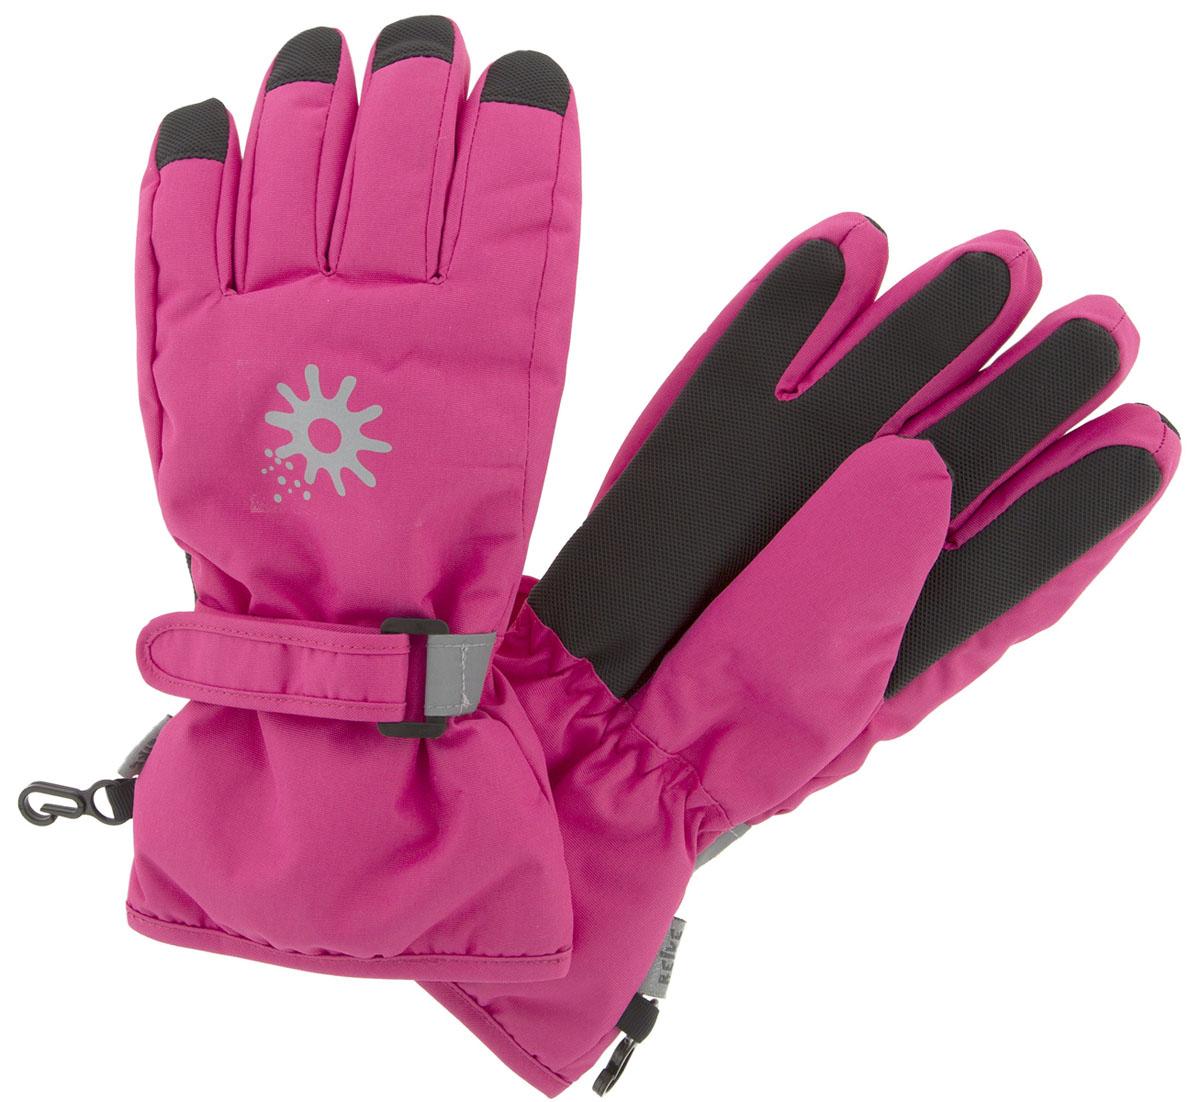 Перчатки для девочек Reike, цвет: фуксия. RW18_WSR fuchsia. Размер 8RW18_WSR fuchsia